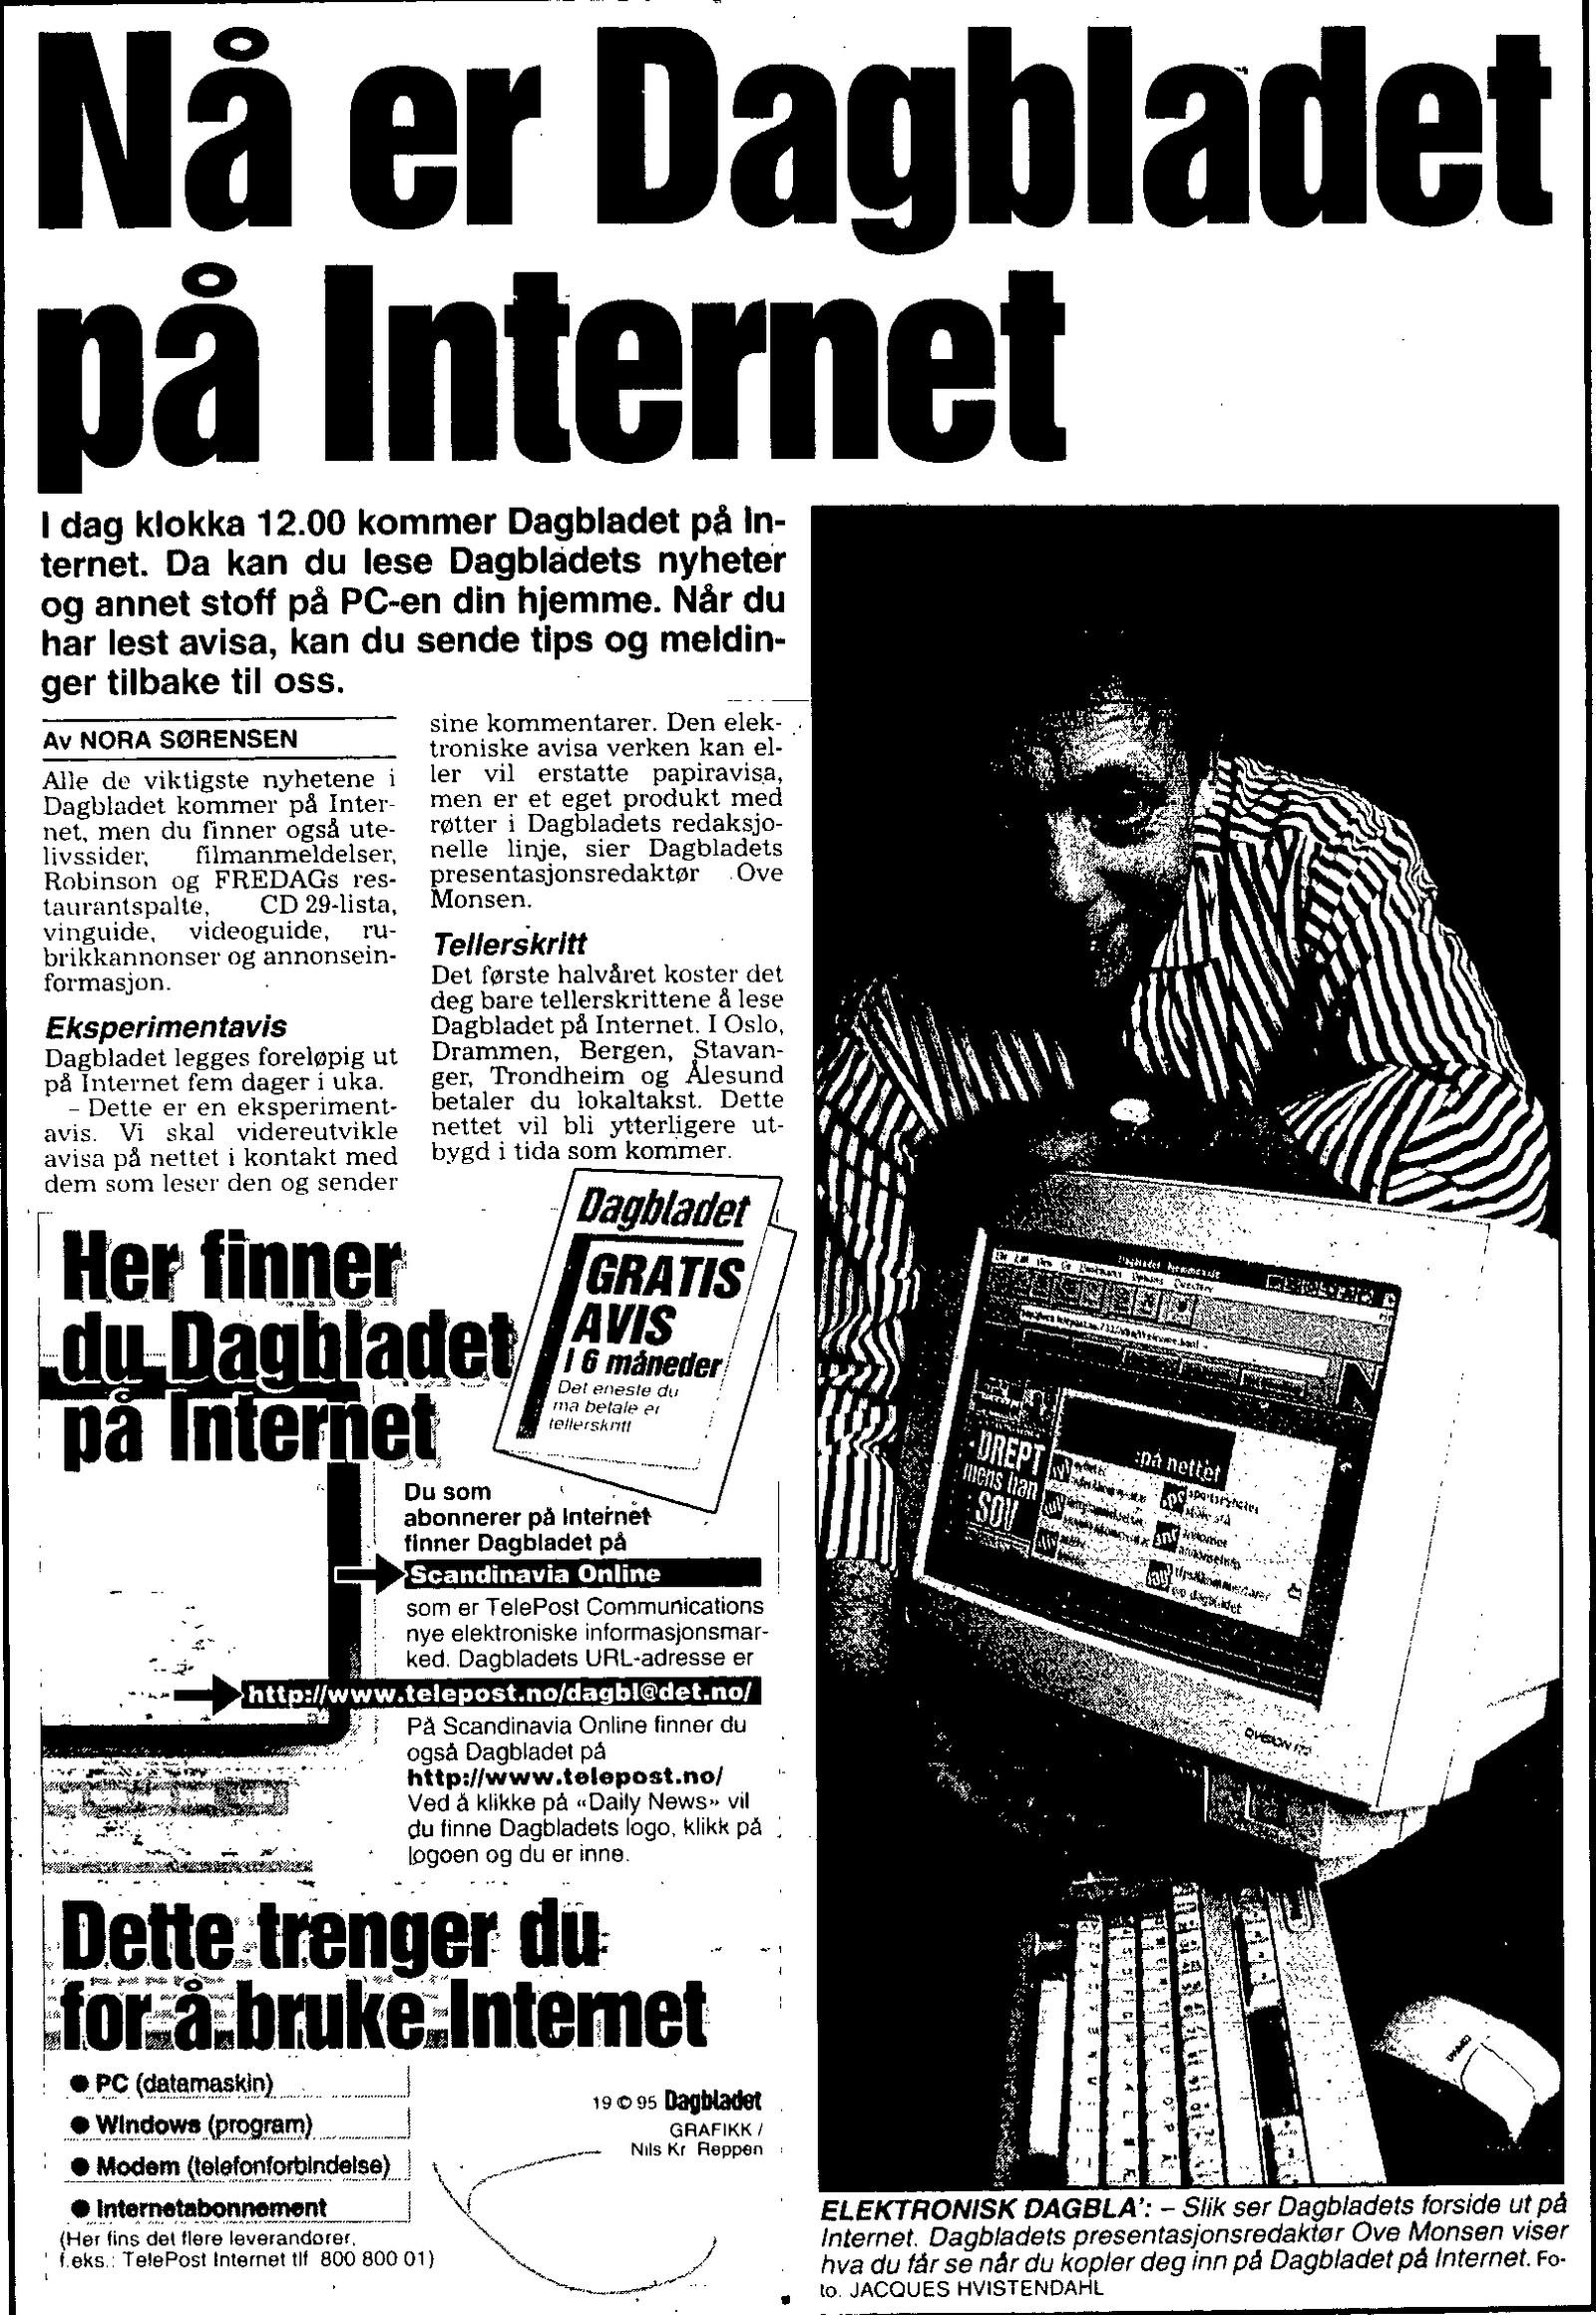 Dagbladet lå to dager etter Brønnøysunds Avis med å få sin egen nettavis. De gikk ut med at de var først på nett, men beklaget feilen i ettertid.